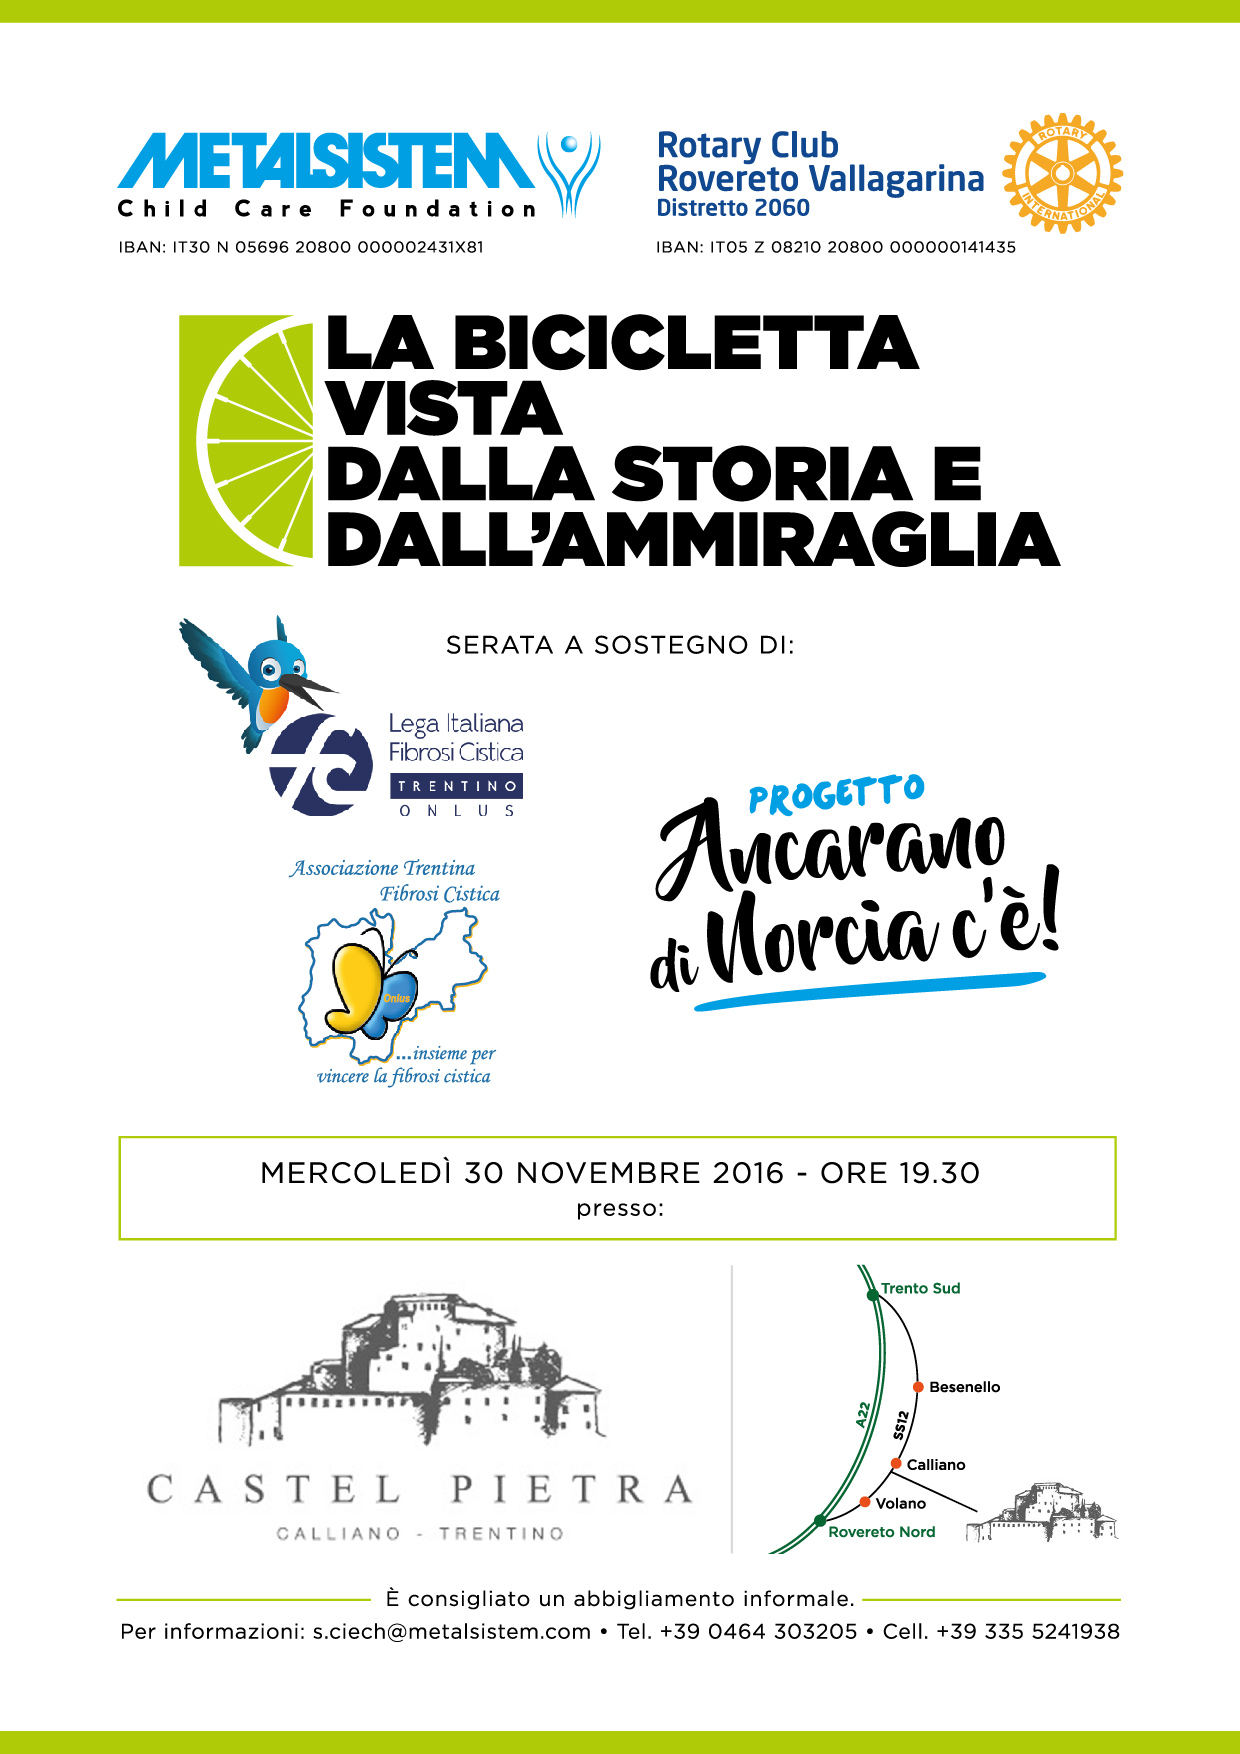 la_bicicletta_vista_dalla_storia_e_dall_ammiraglia-01